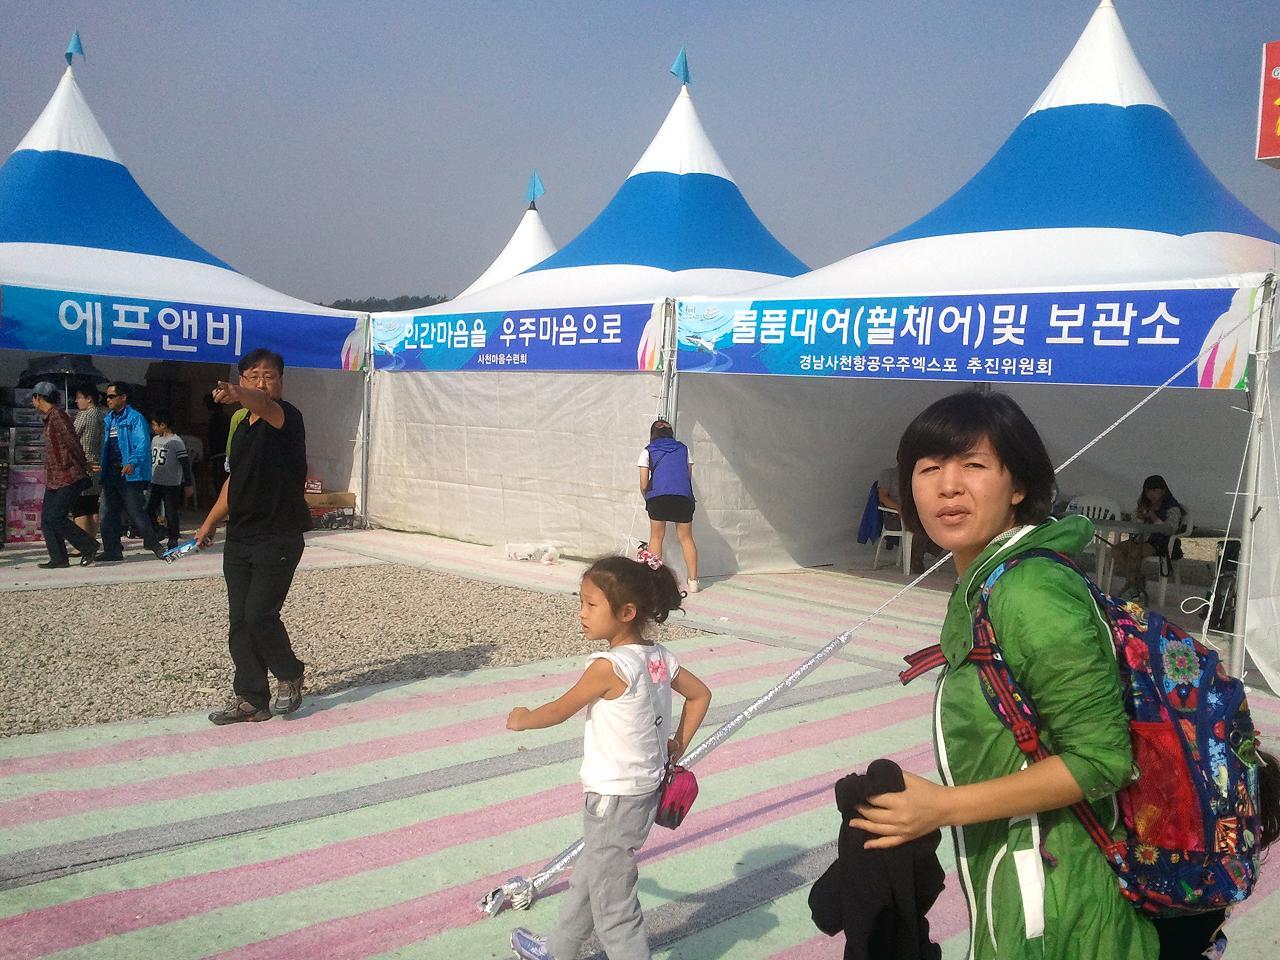 2011-09-25 09.43.11.jpg